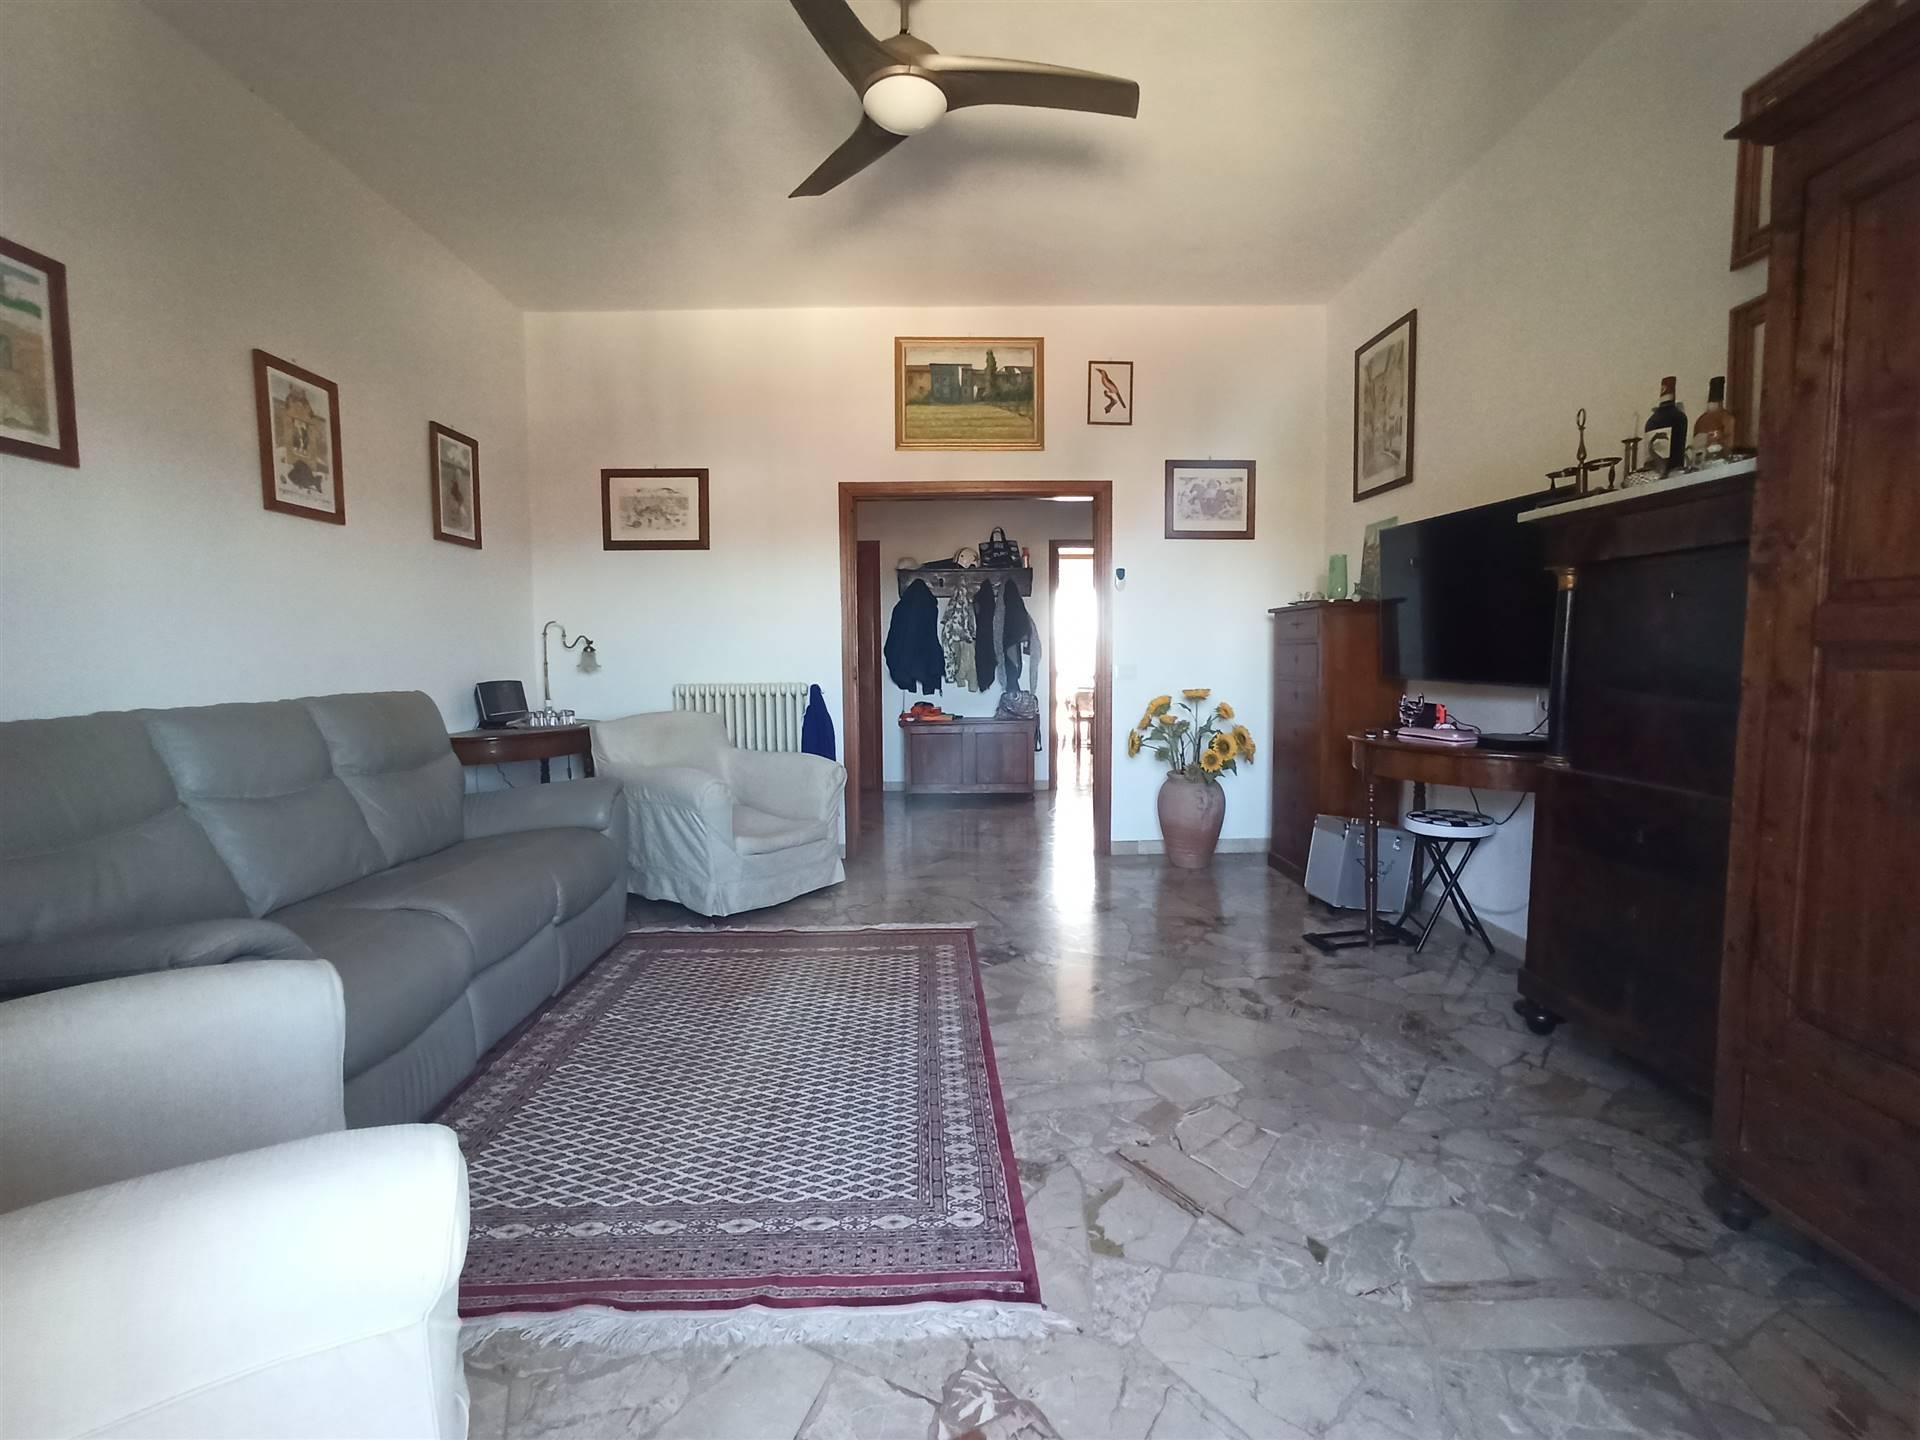 Appartamento in vendita a Campi Bisenzio, 5 locali, zona Martino, prezzo € 199.000 | PortaleAgenzieImmobiliari.it